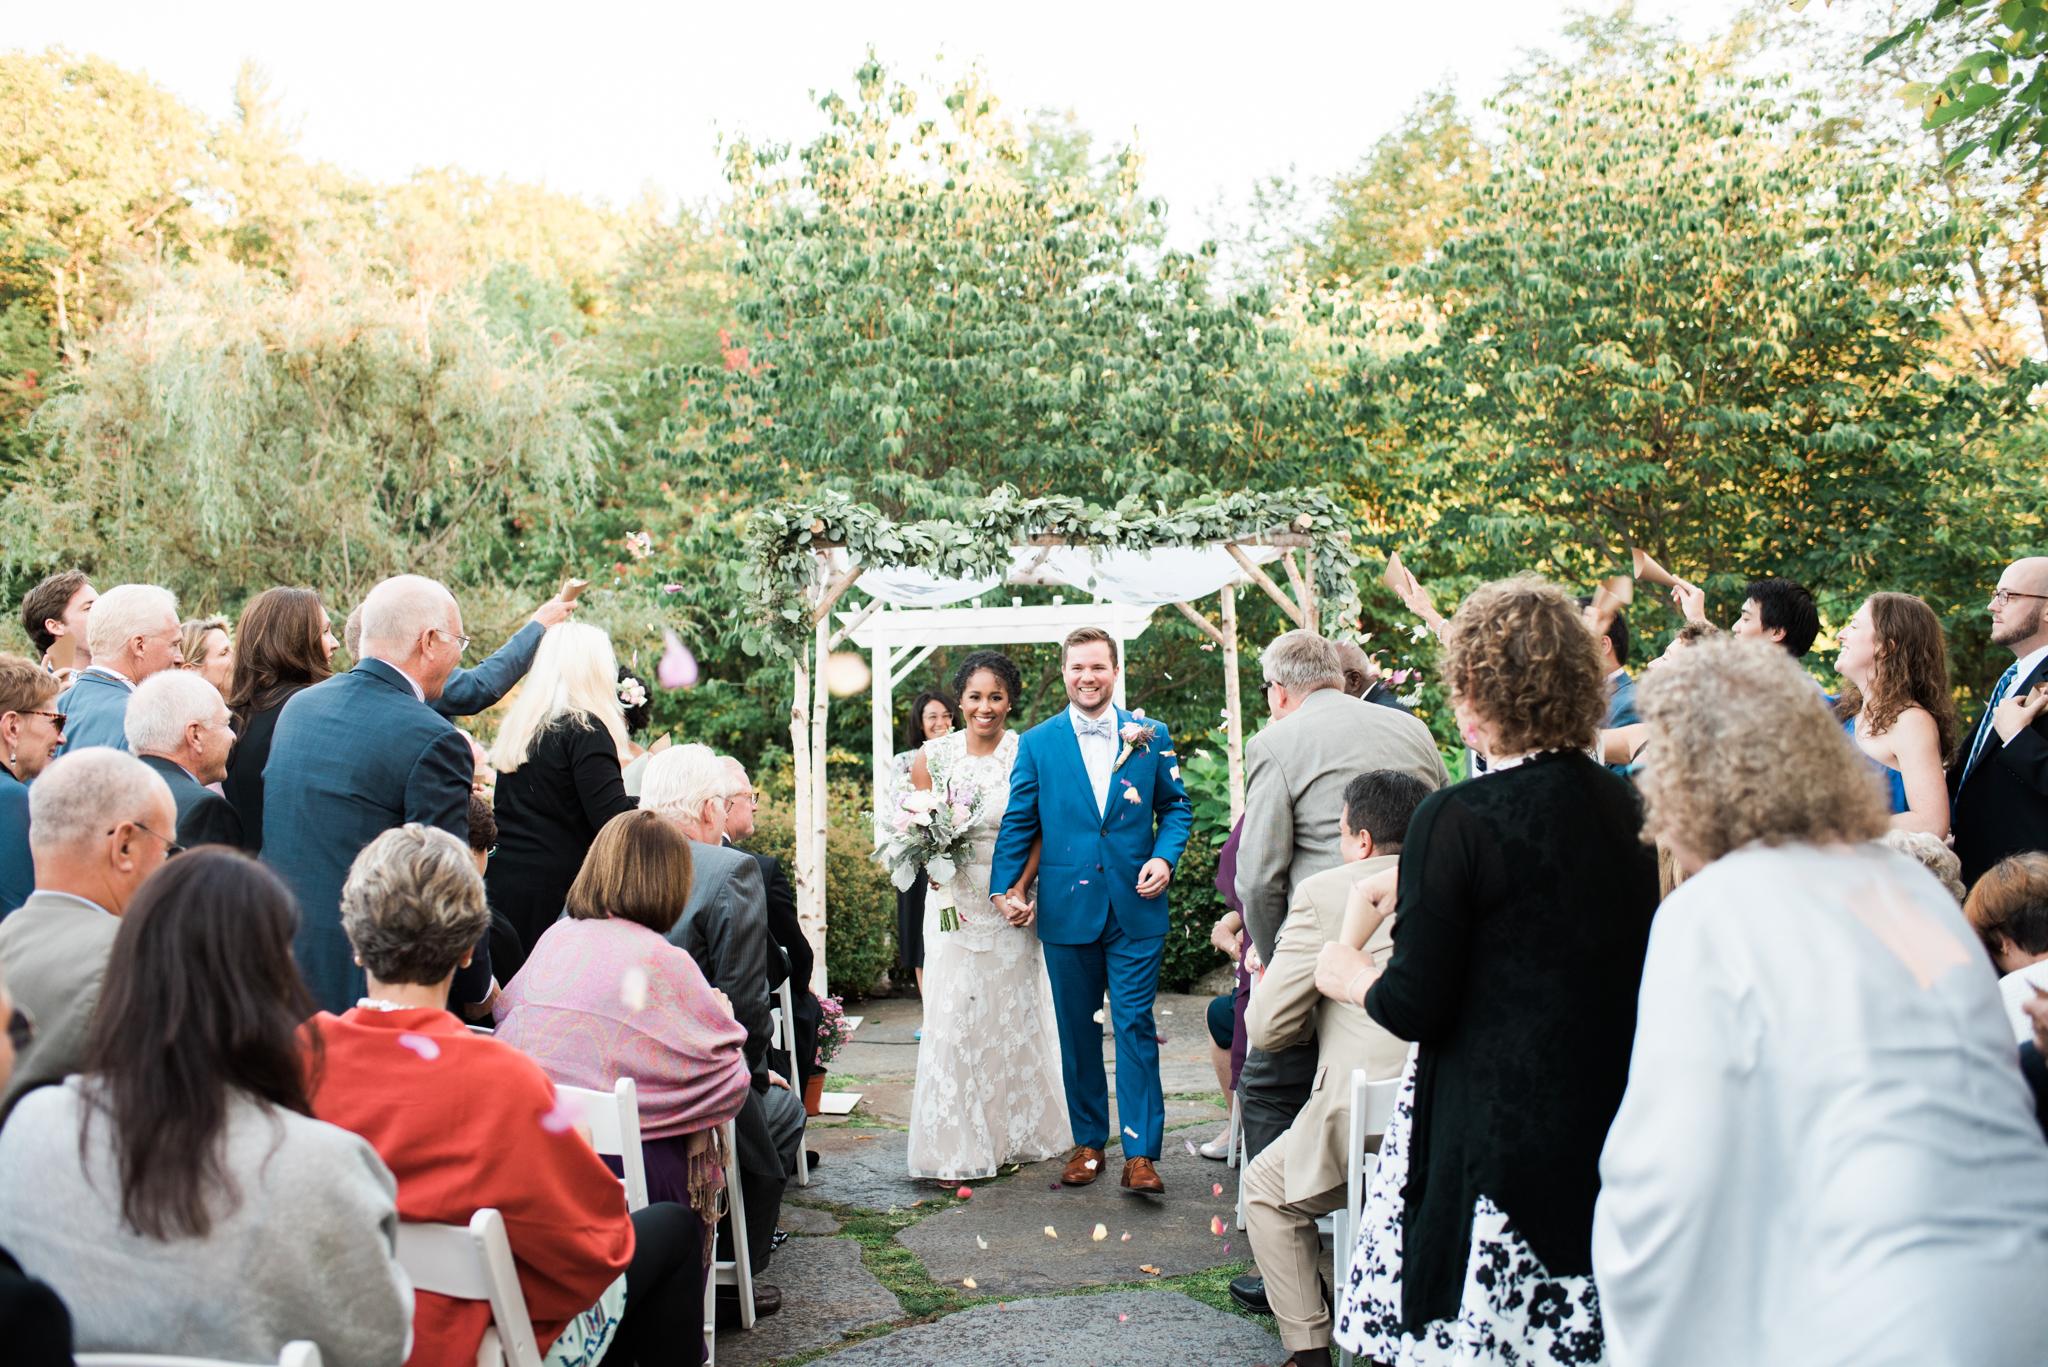 Easthampton Area Wedding Photographer